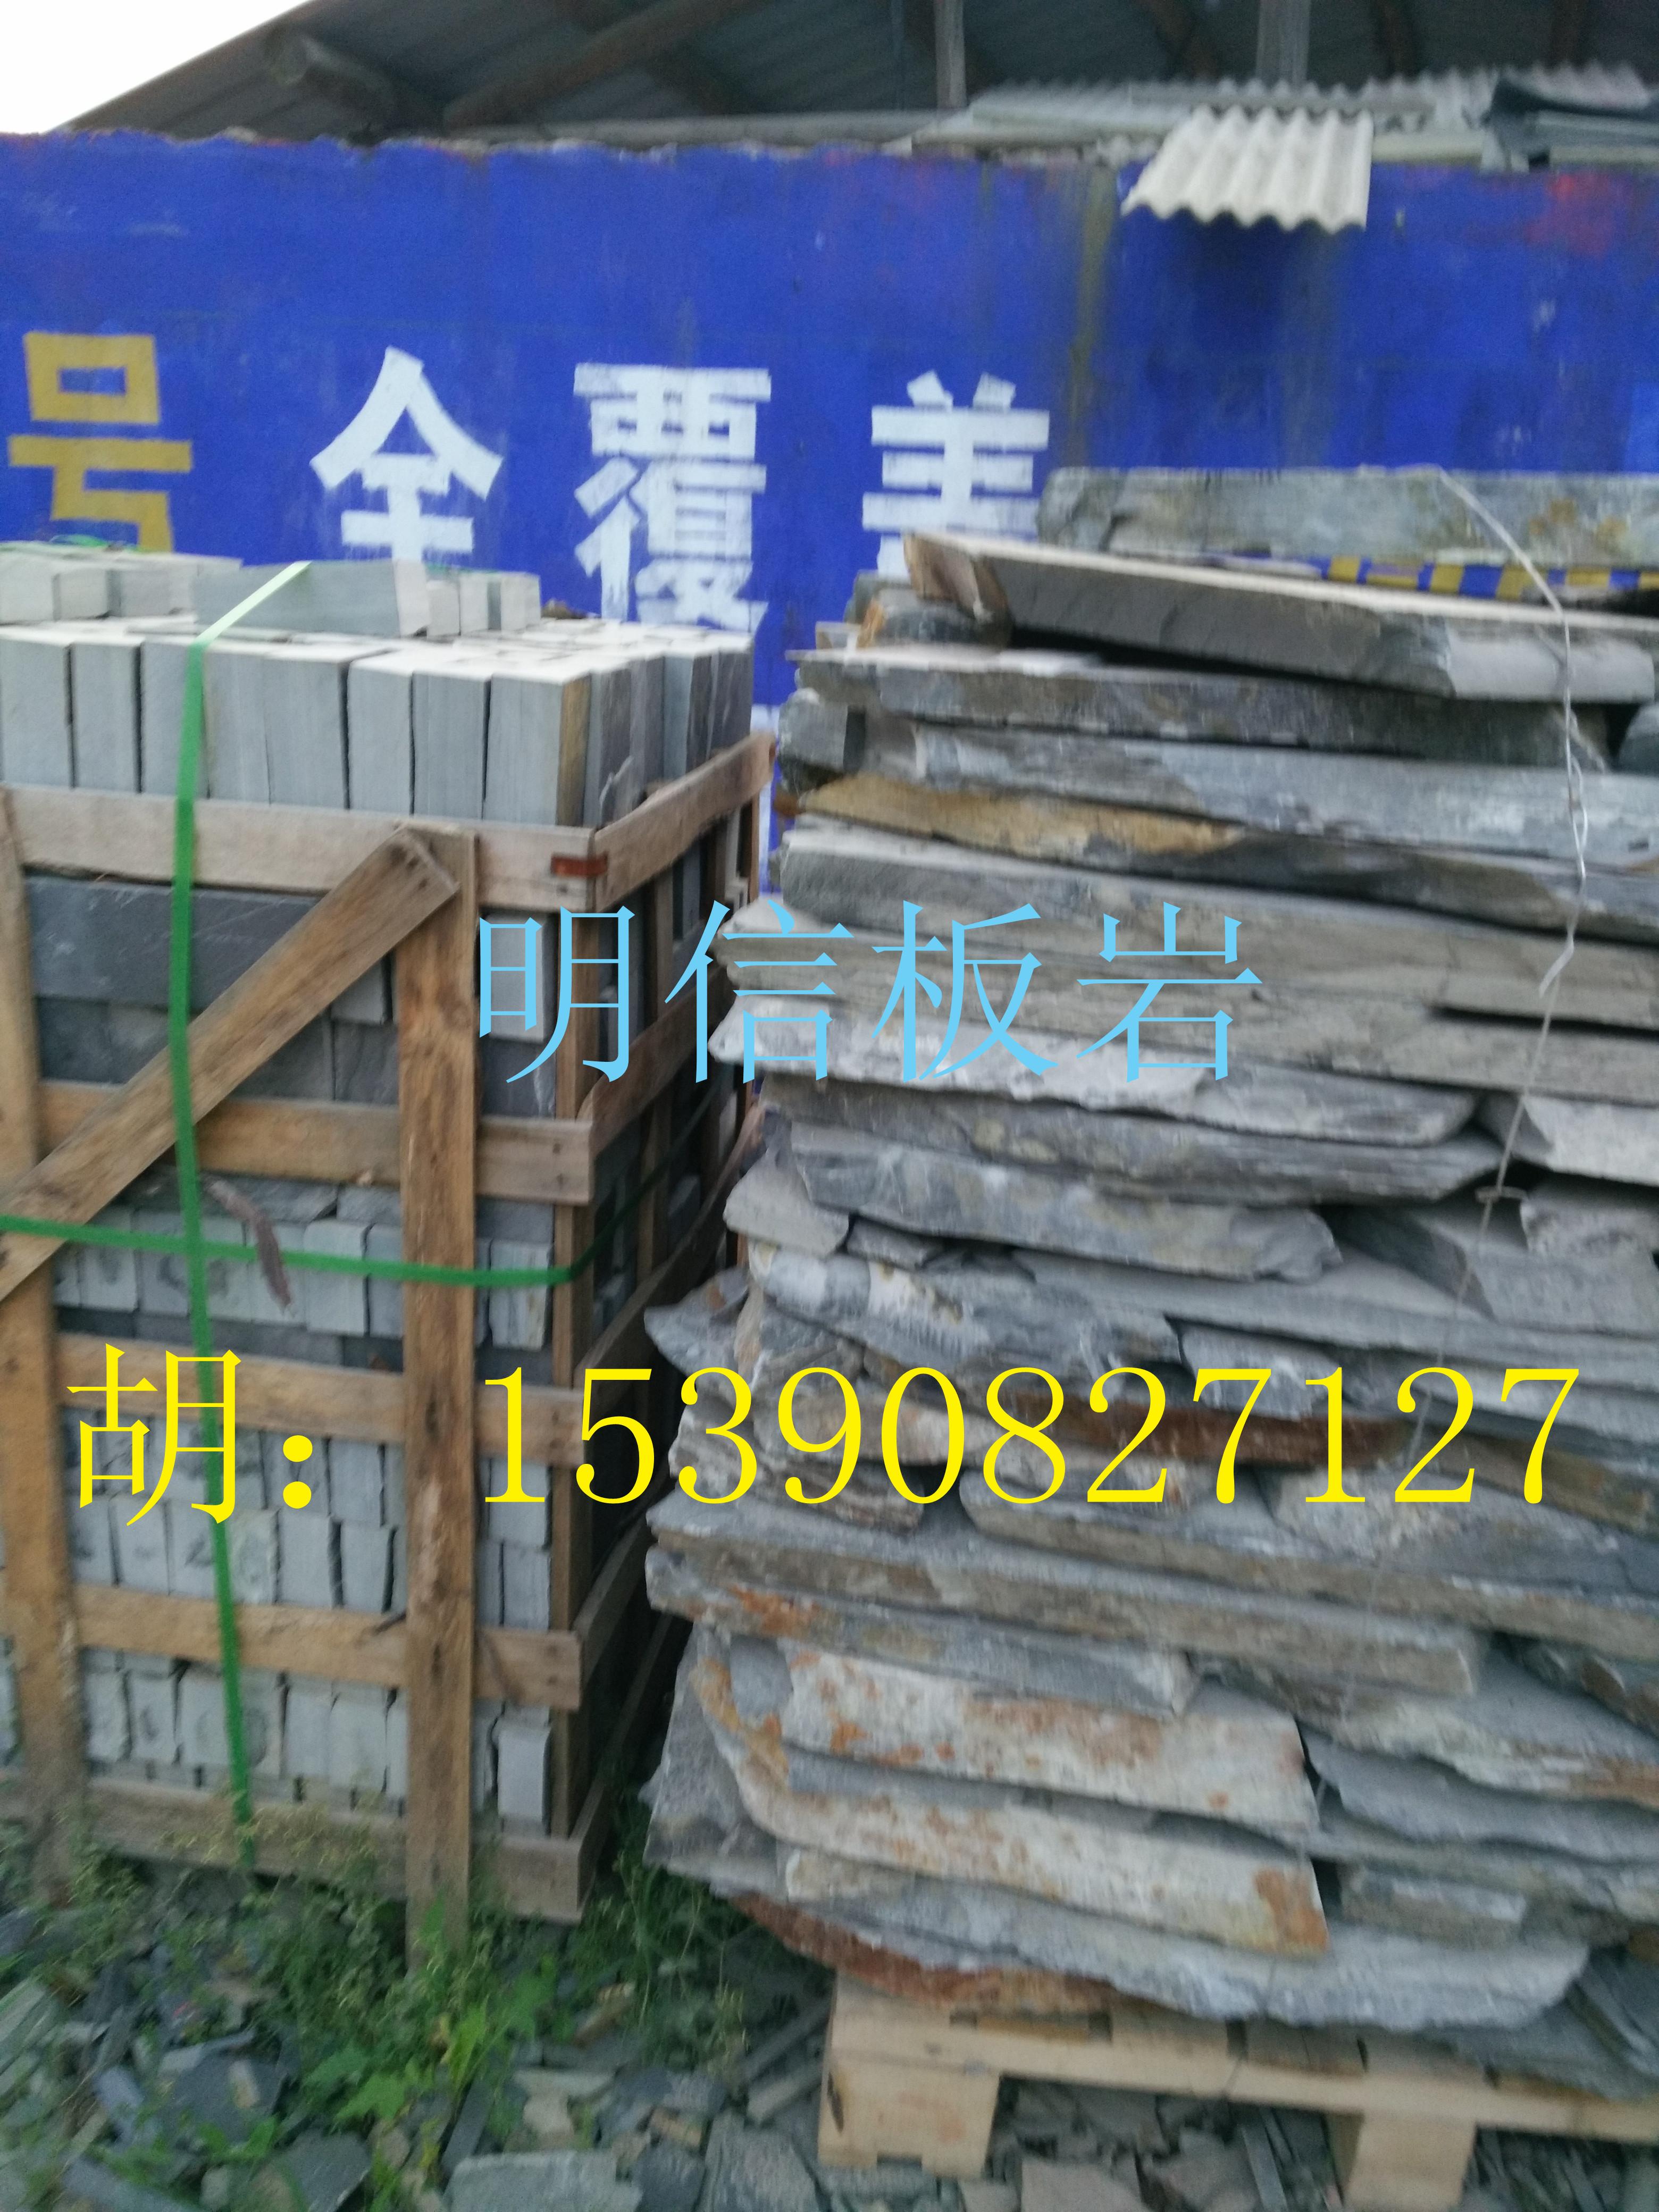 供应乱型板乱型条生产,质优价廉,乱型板条价格,乱型石批发